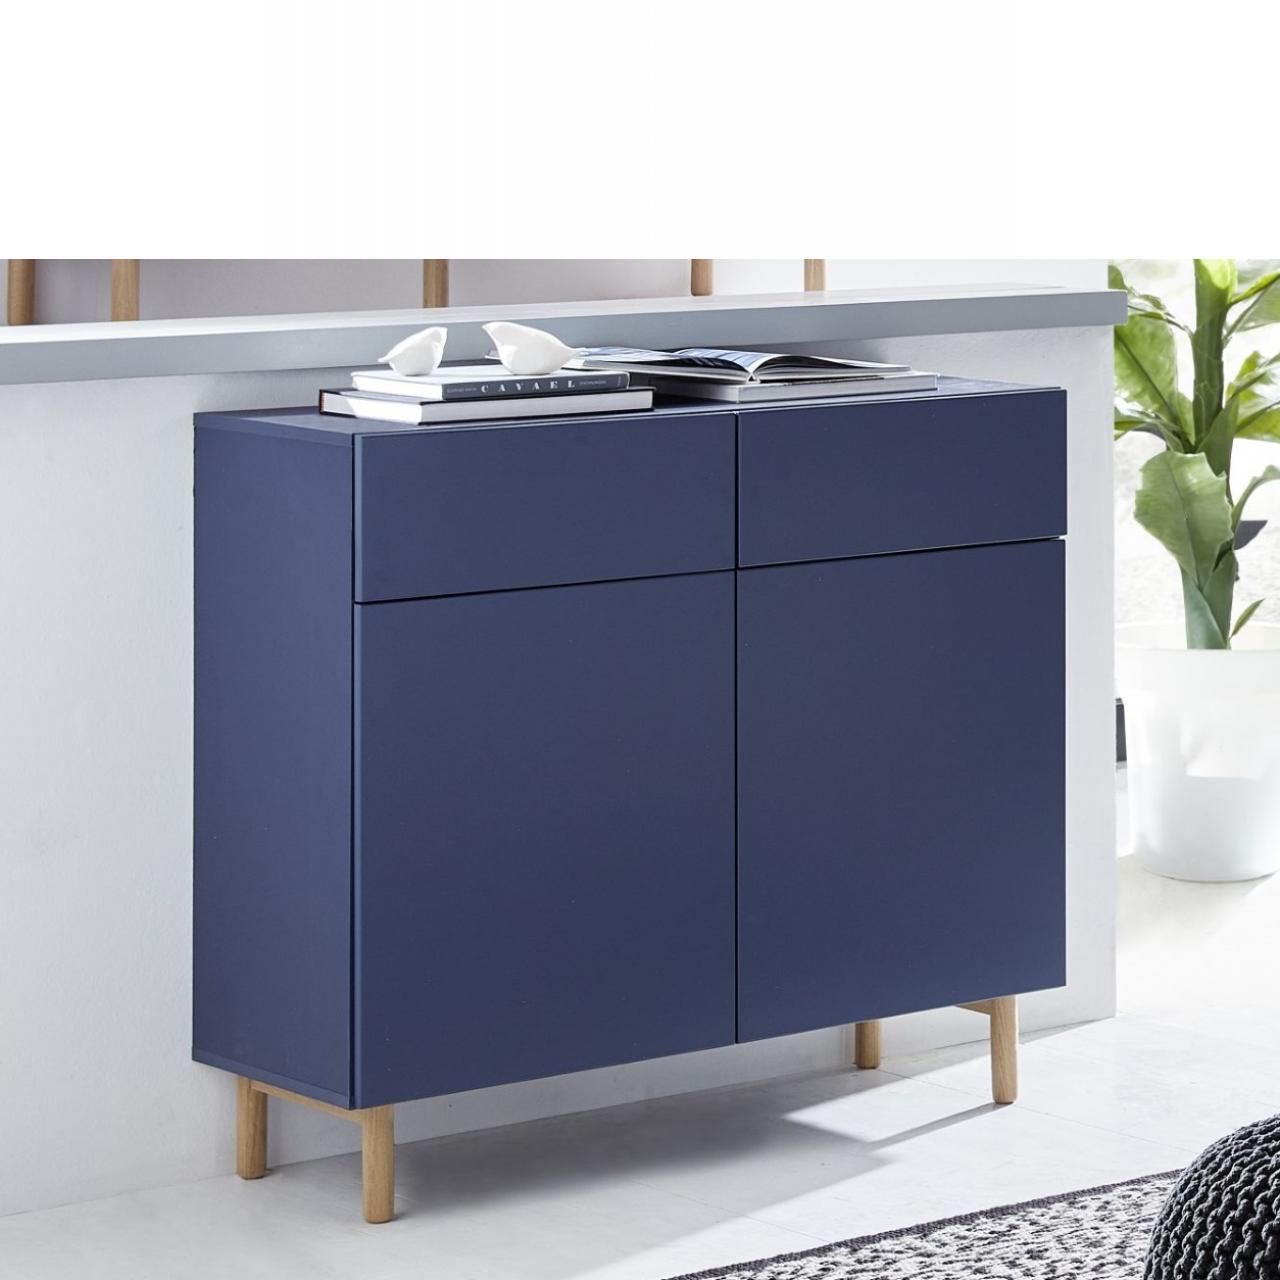 Kommode K2 Blau Kommoden Wohnzimmermobel Wohnen Mobel